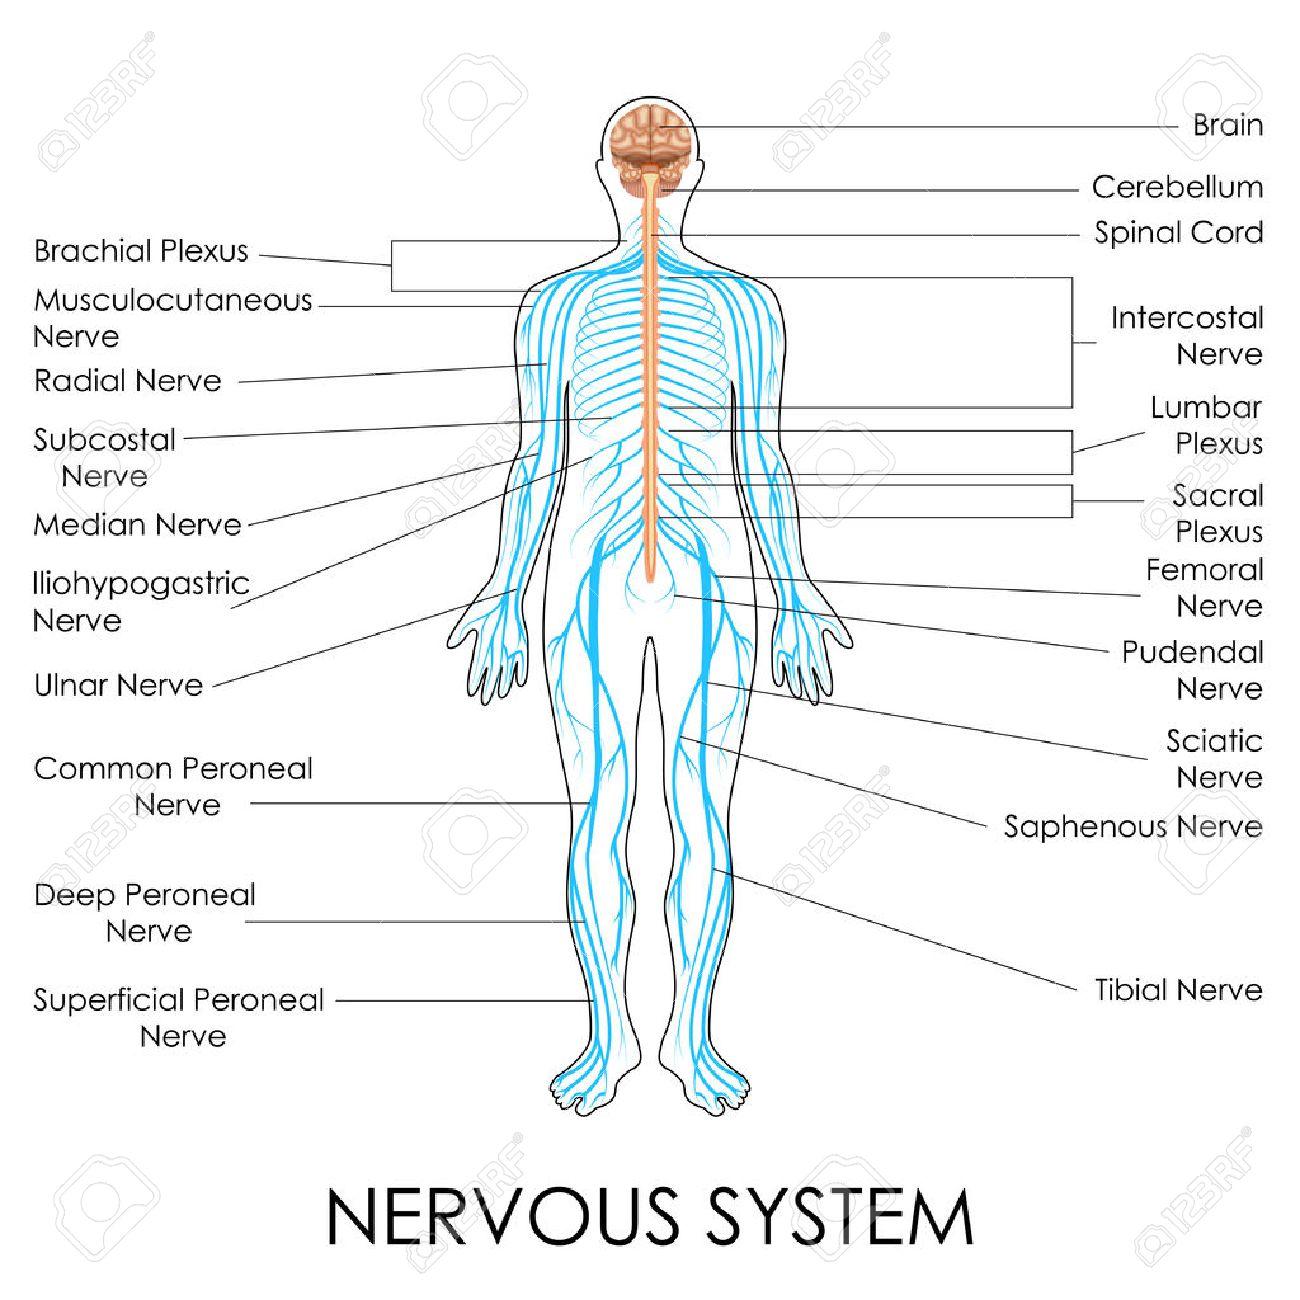 vector illustration of diagram of nervous system royalty free  : nerves diagram - findchart.co